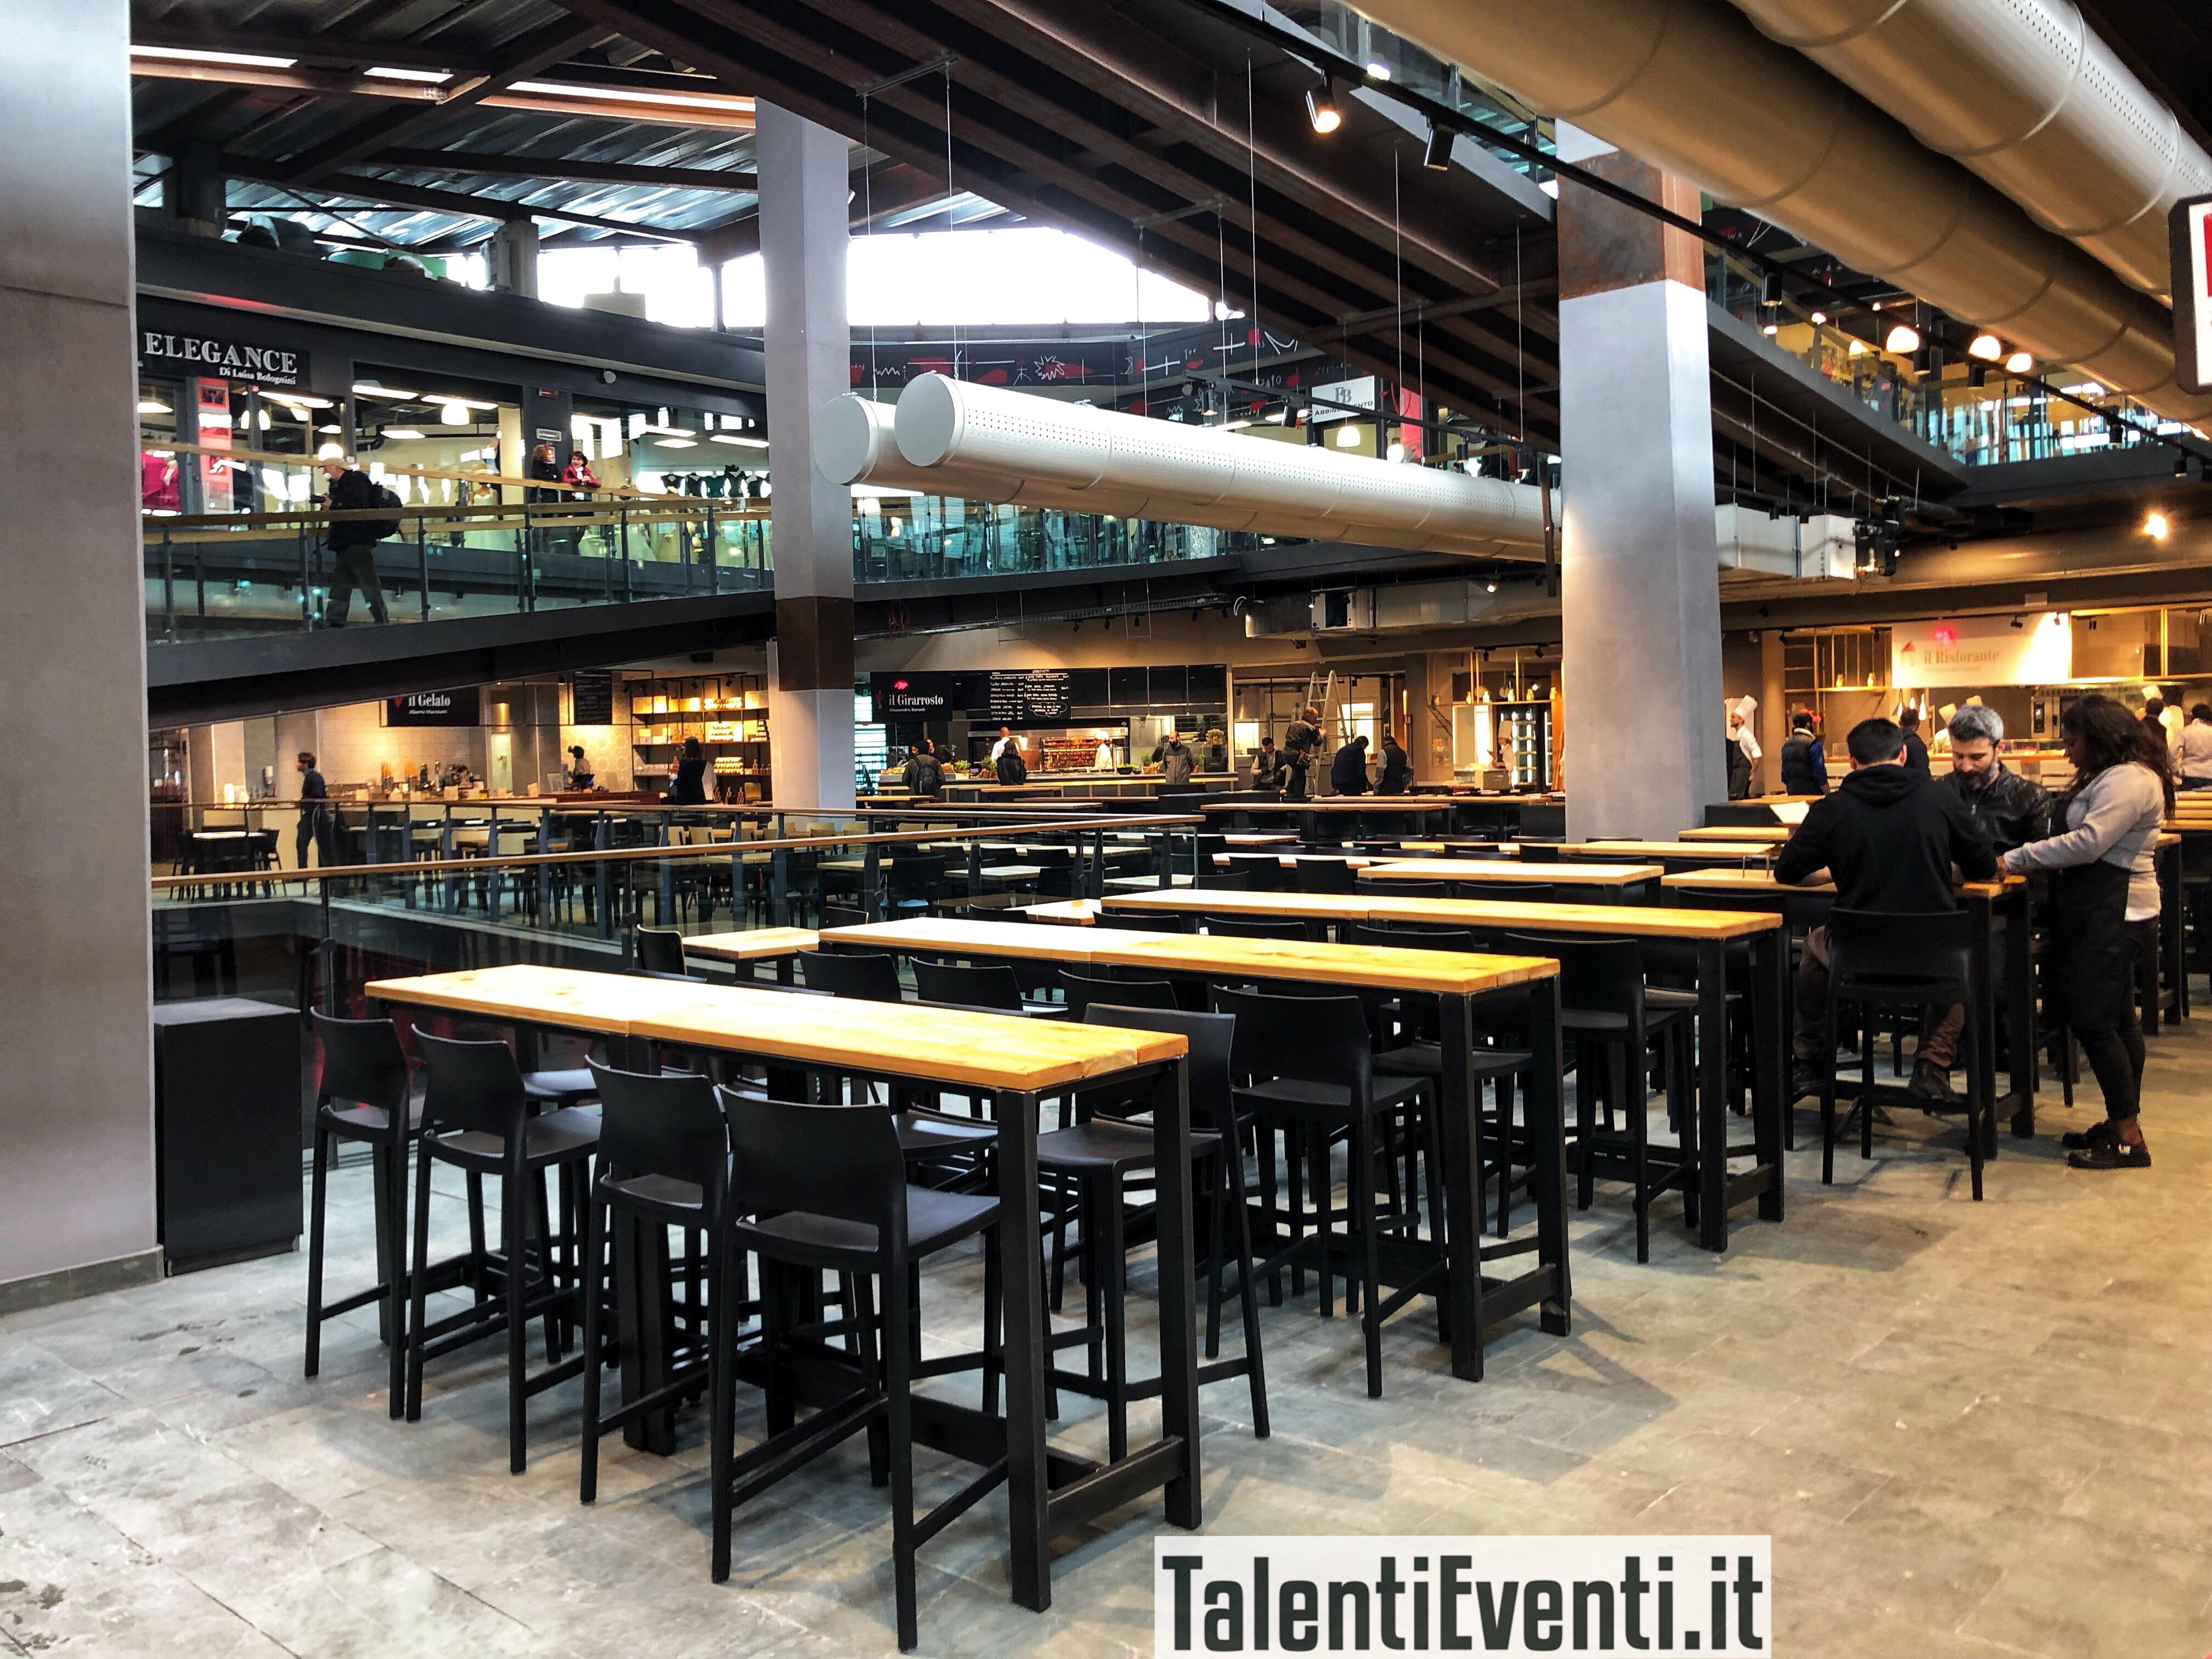 talenti_eventi_mercato_centrale_di_torino_umberto_montano_11